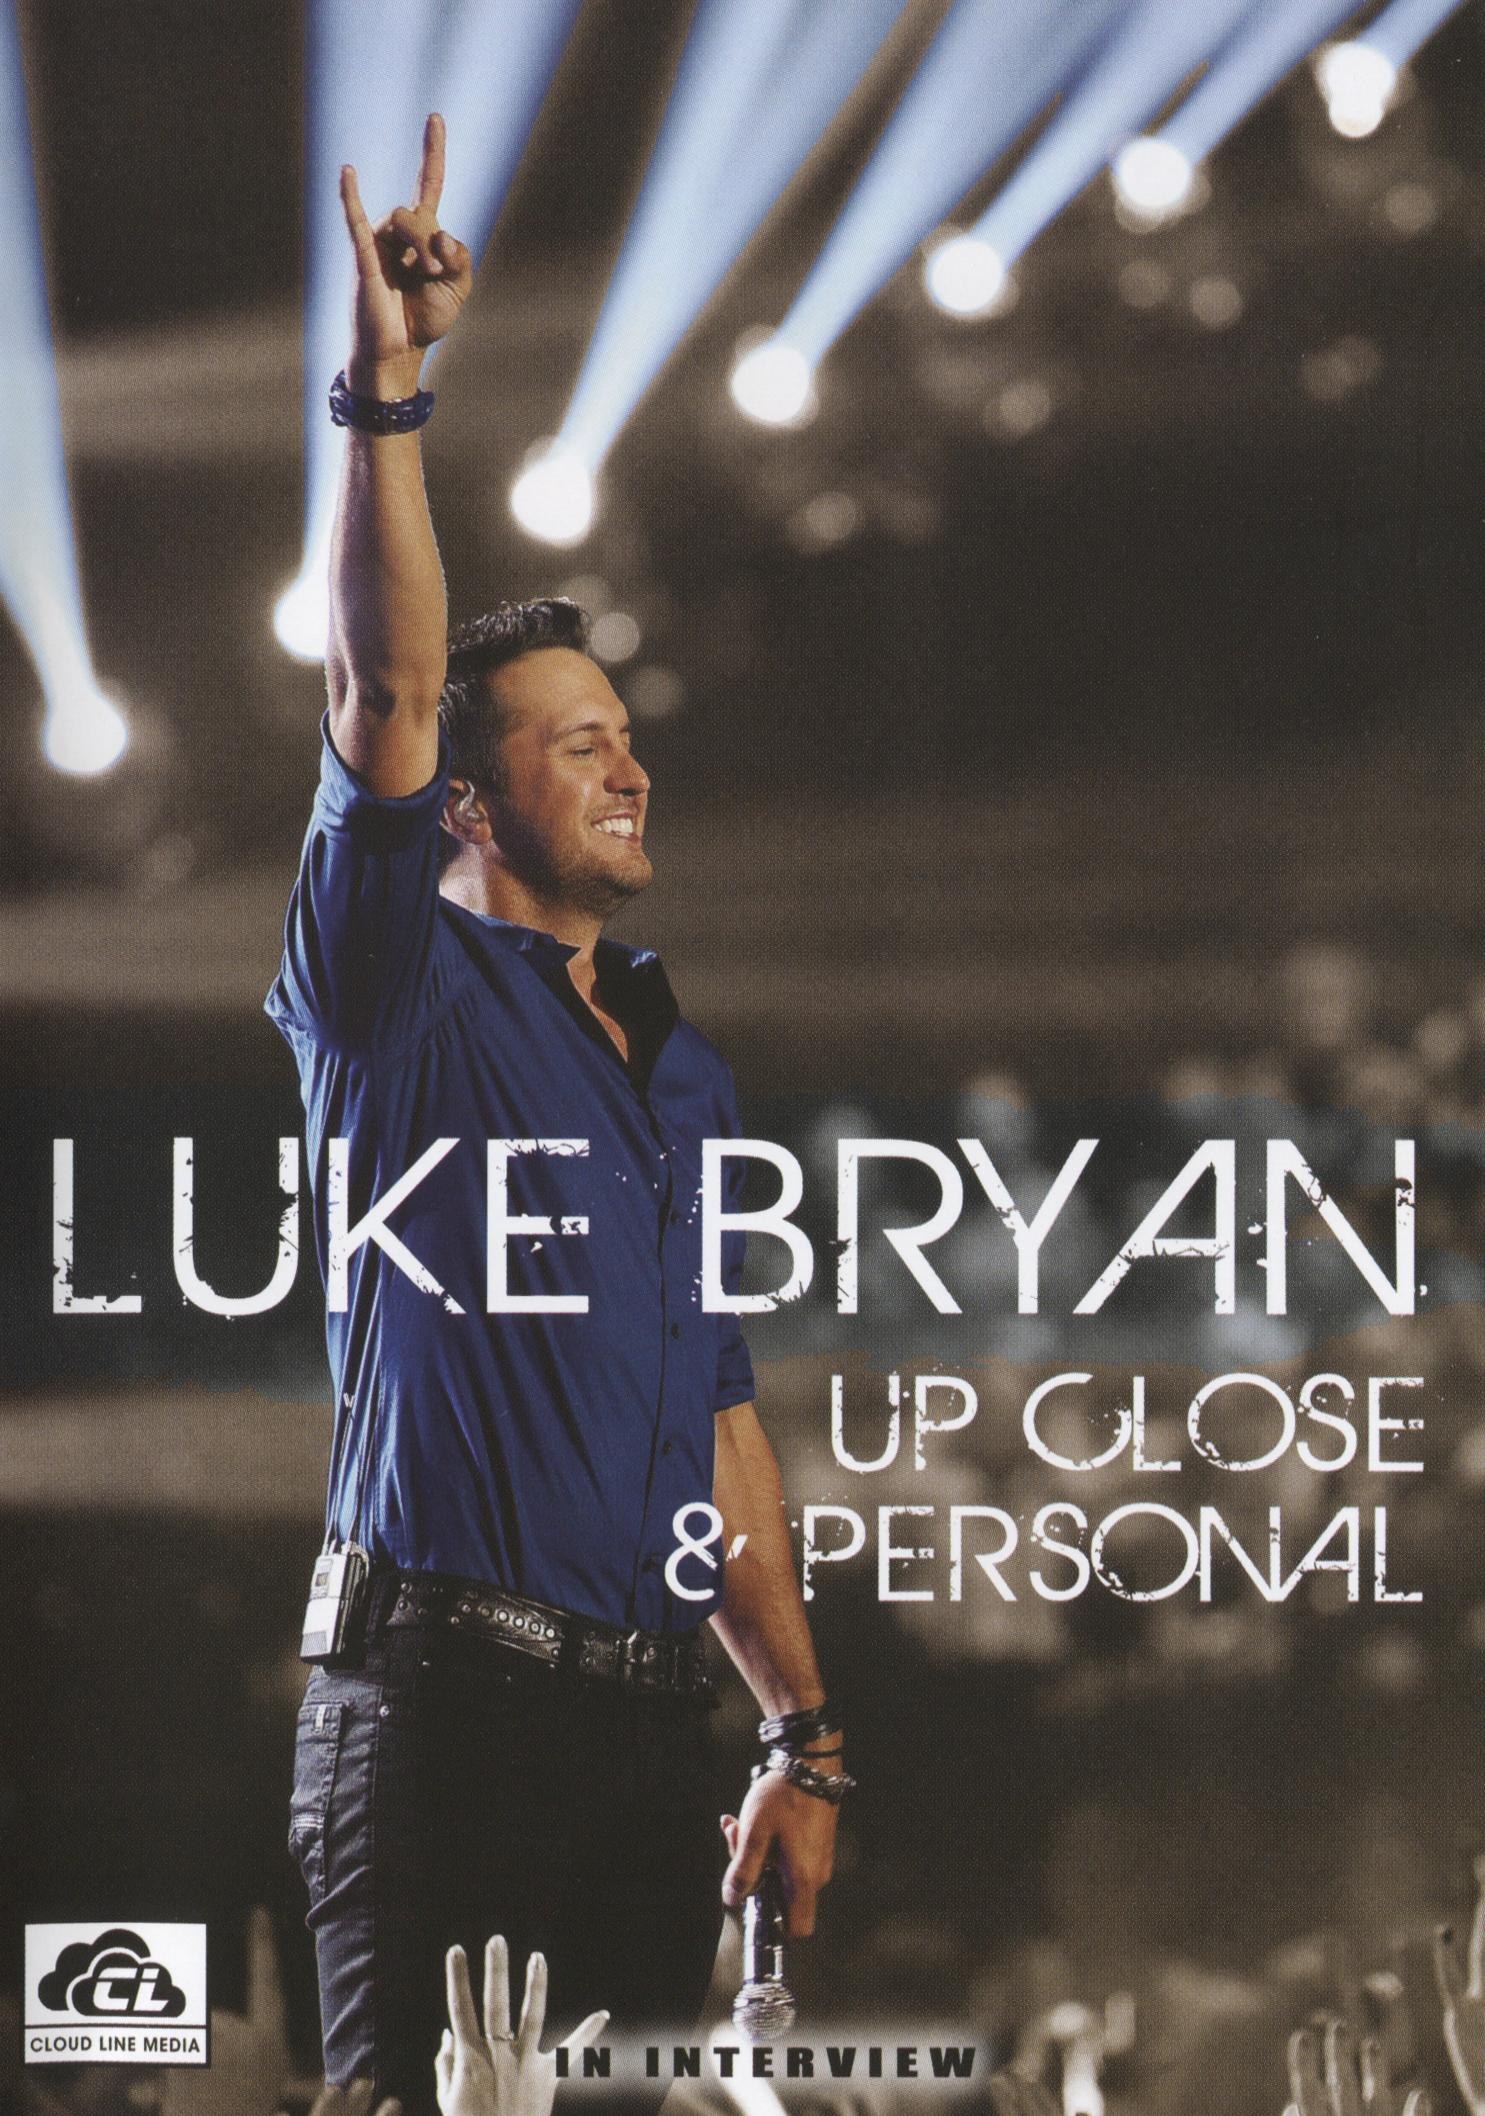 Luke Bryan: Up Close and Personal